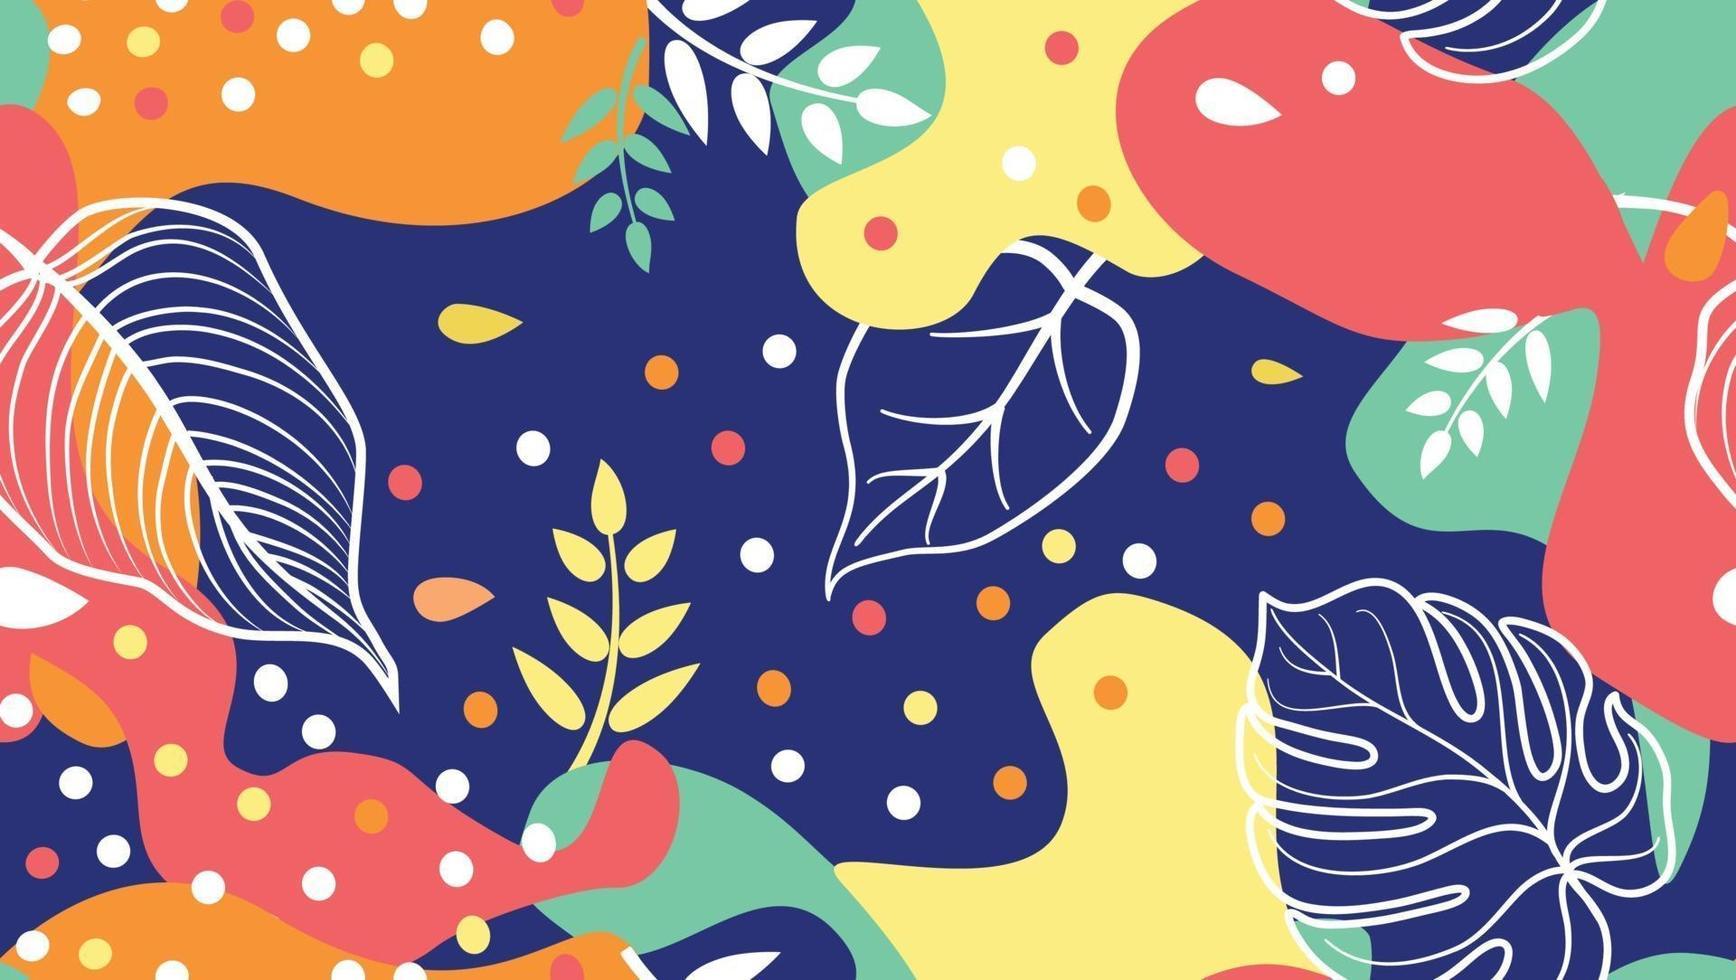 taches abstraites, formes florales et feuilles modèle sans couture dans un style design branché. vecteur